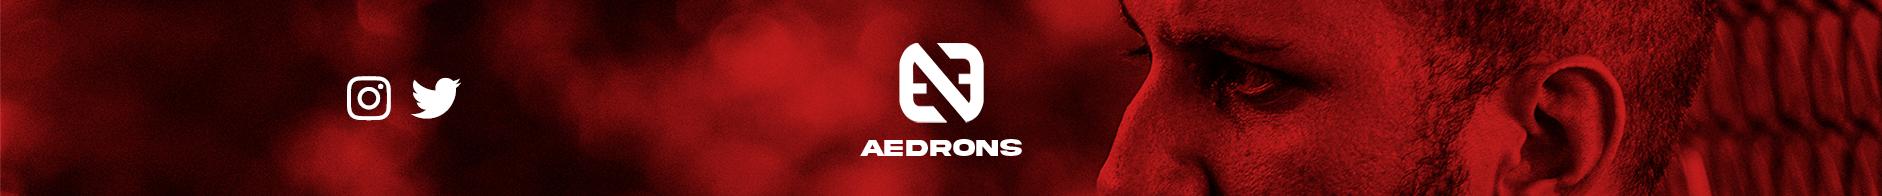 ORGANIZAÇÃO: AEDRONS